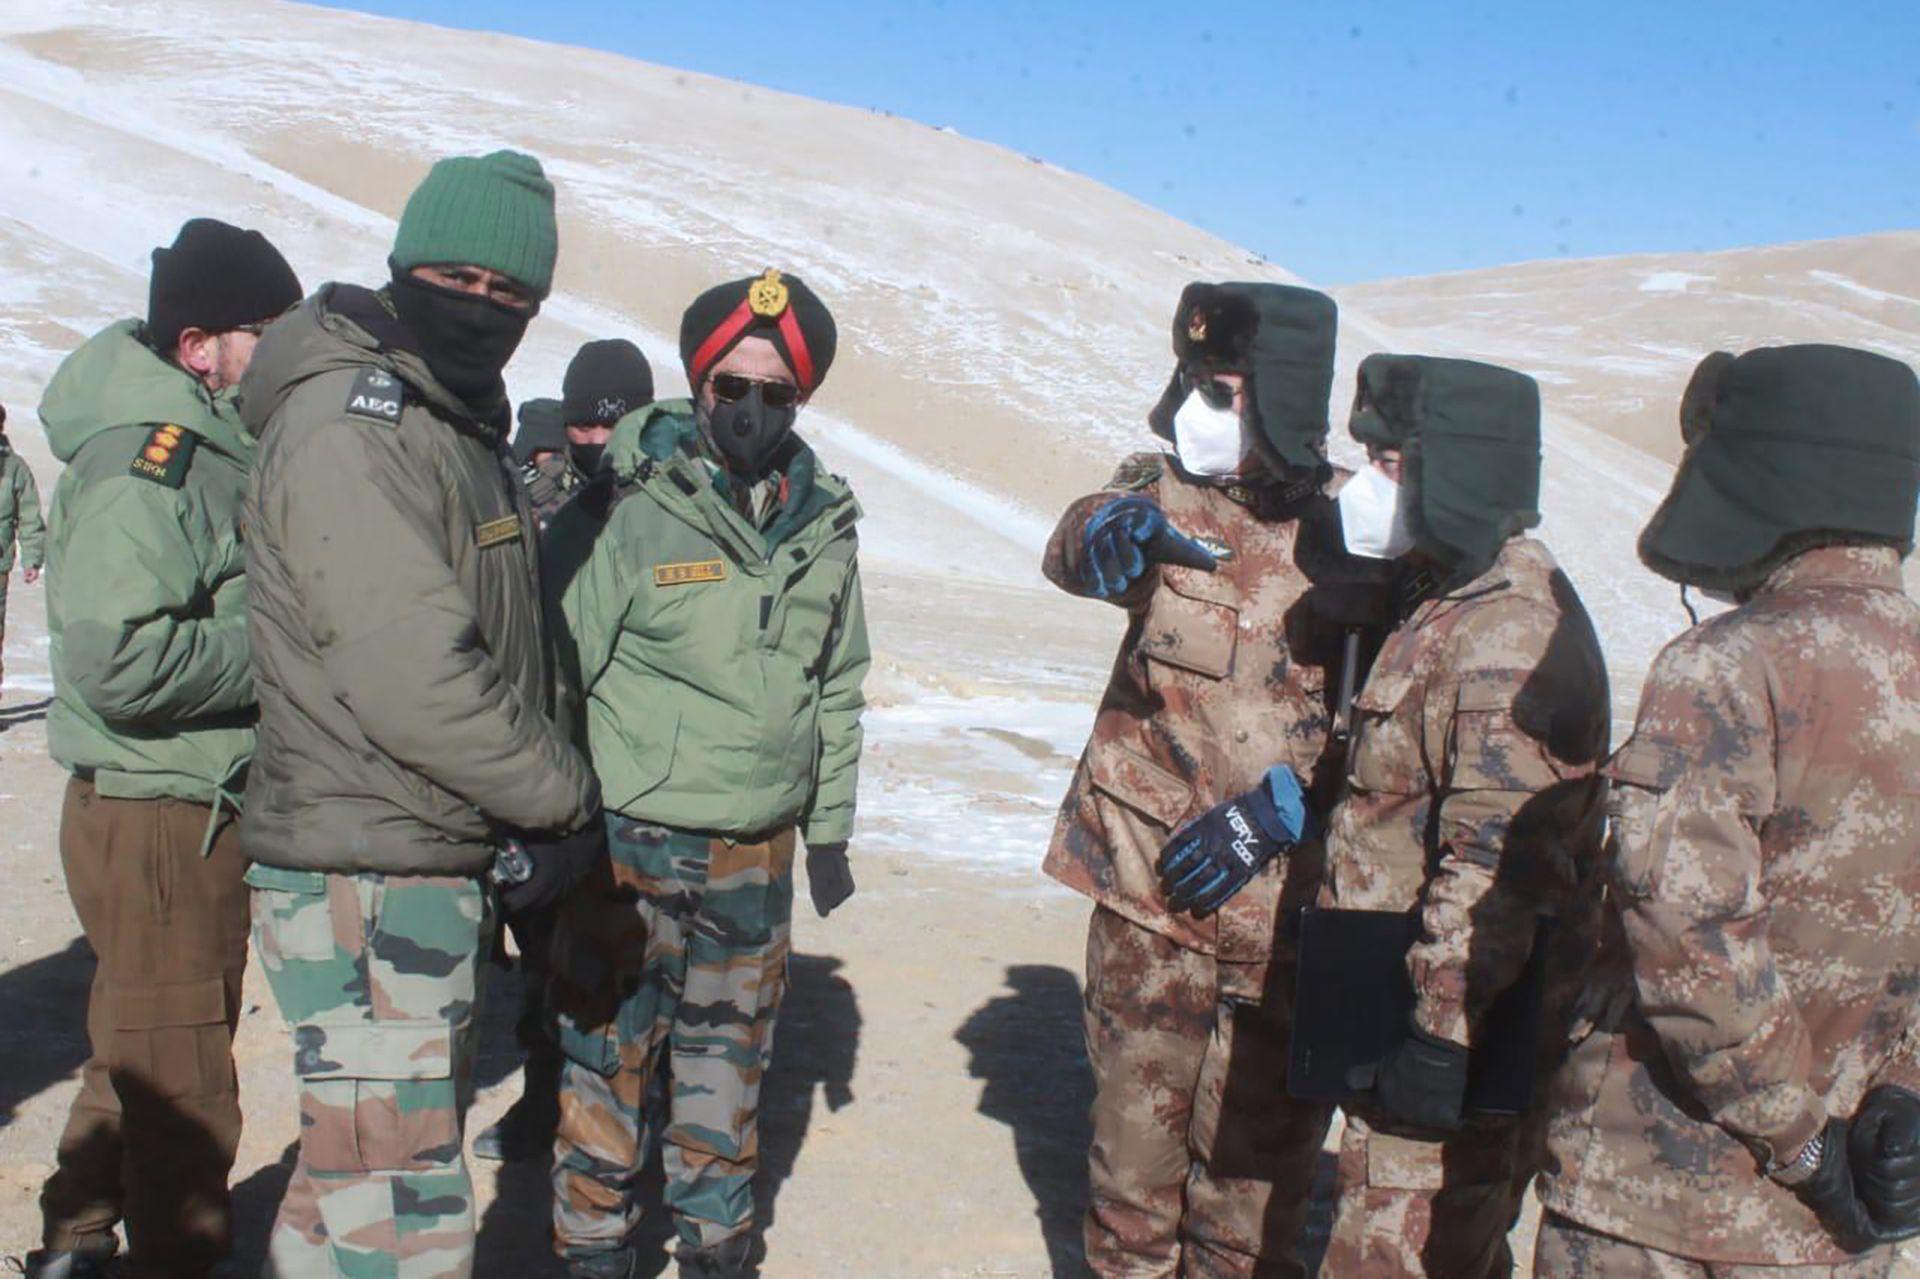 中印高官会面再谈撤军 印军被曝新招维持边境存在(图)